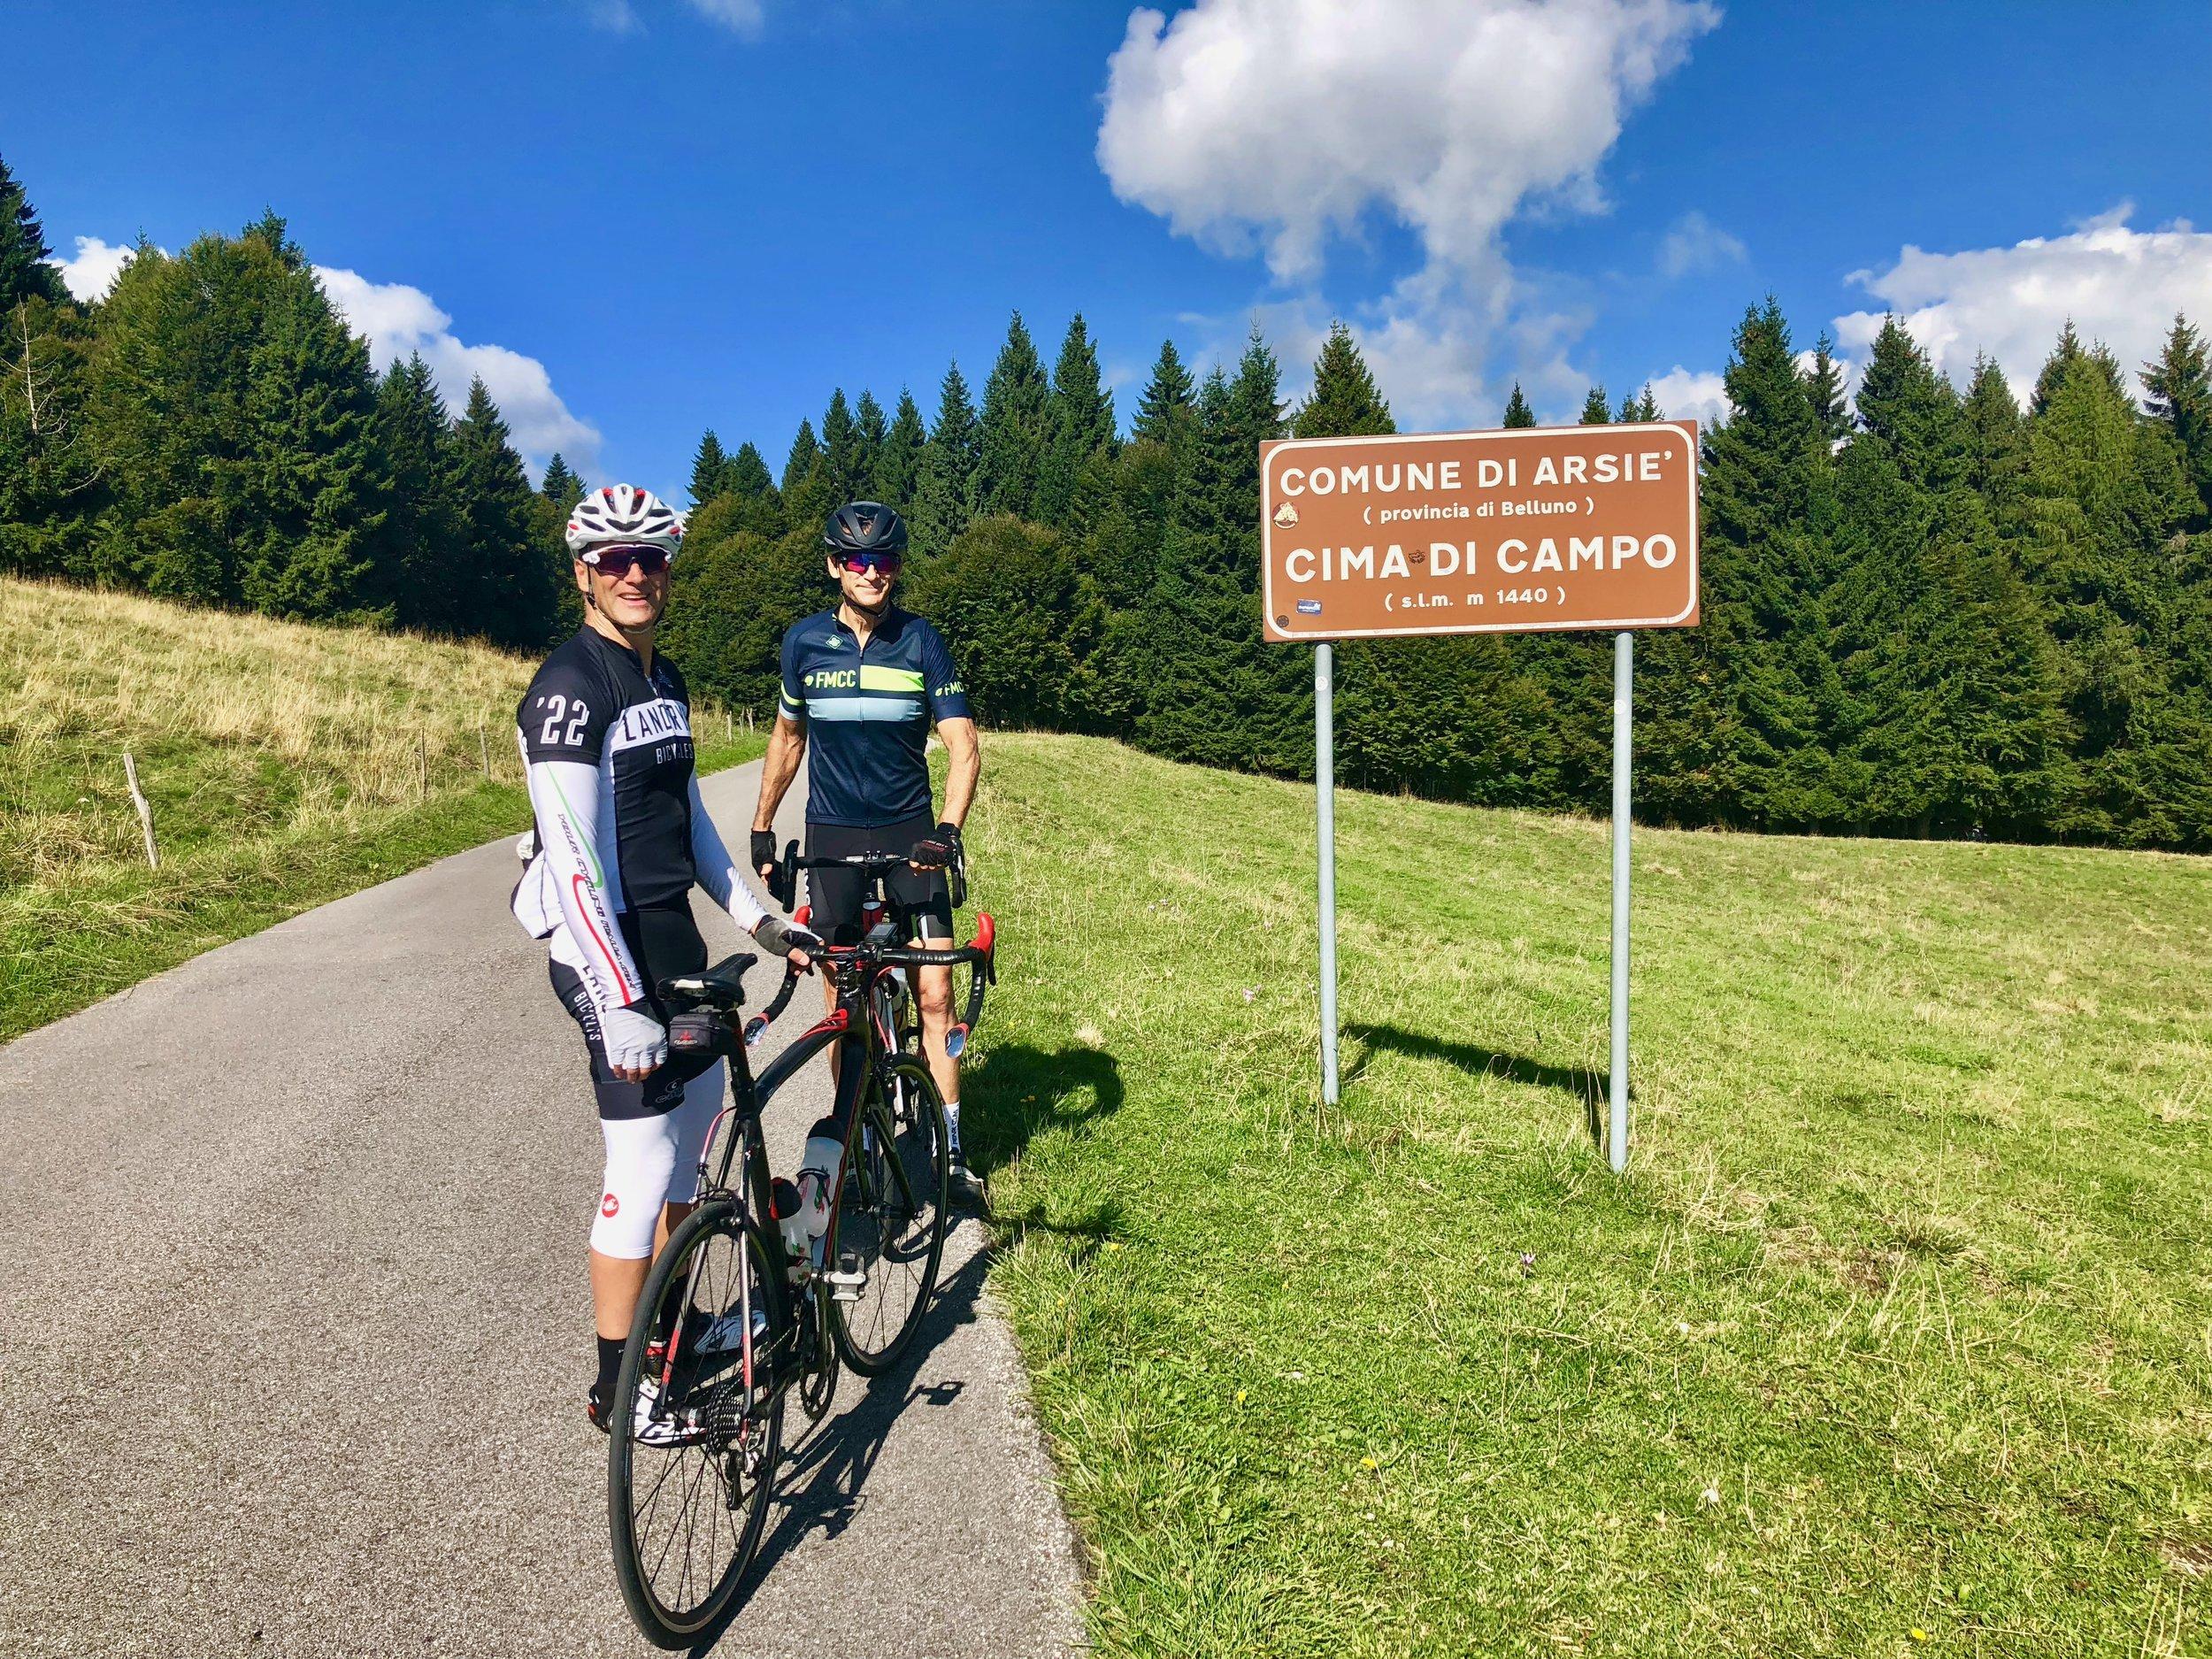 The top of Cimi Di Campo